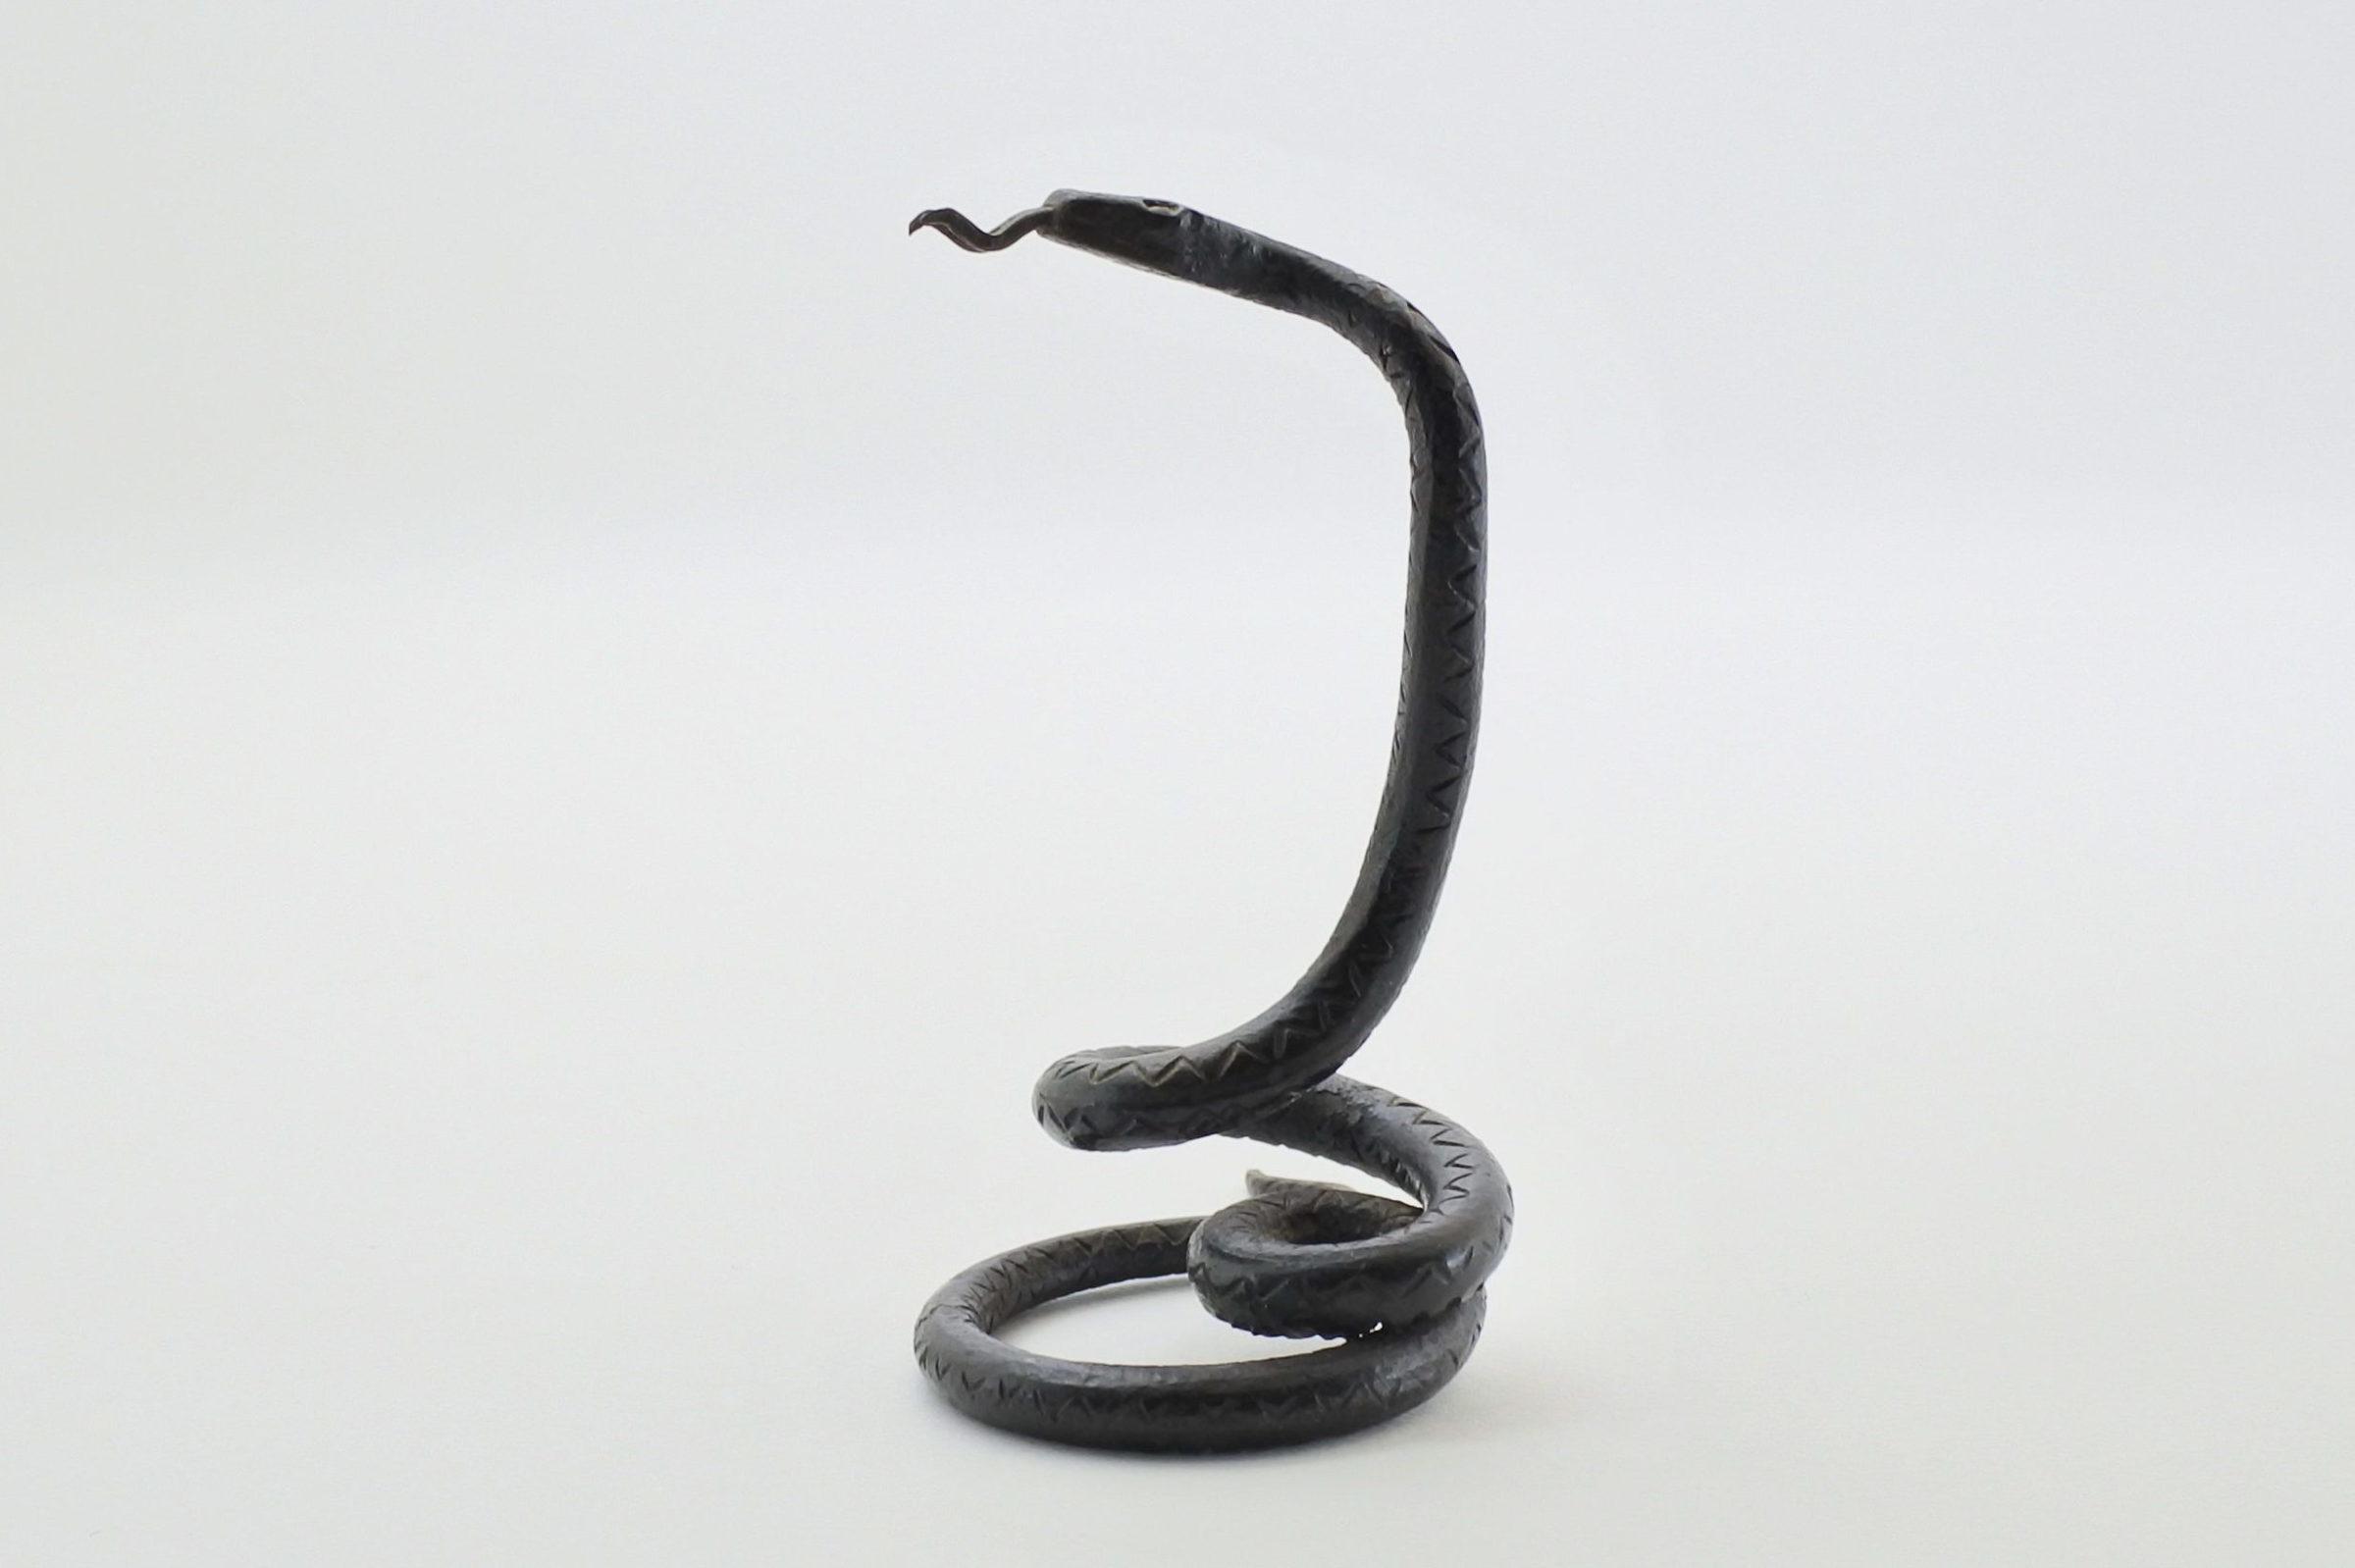 Portaorologi in metallo a forma di serpente - Altezza 8,5 cm - 2